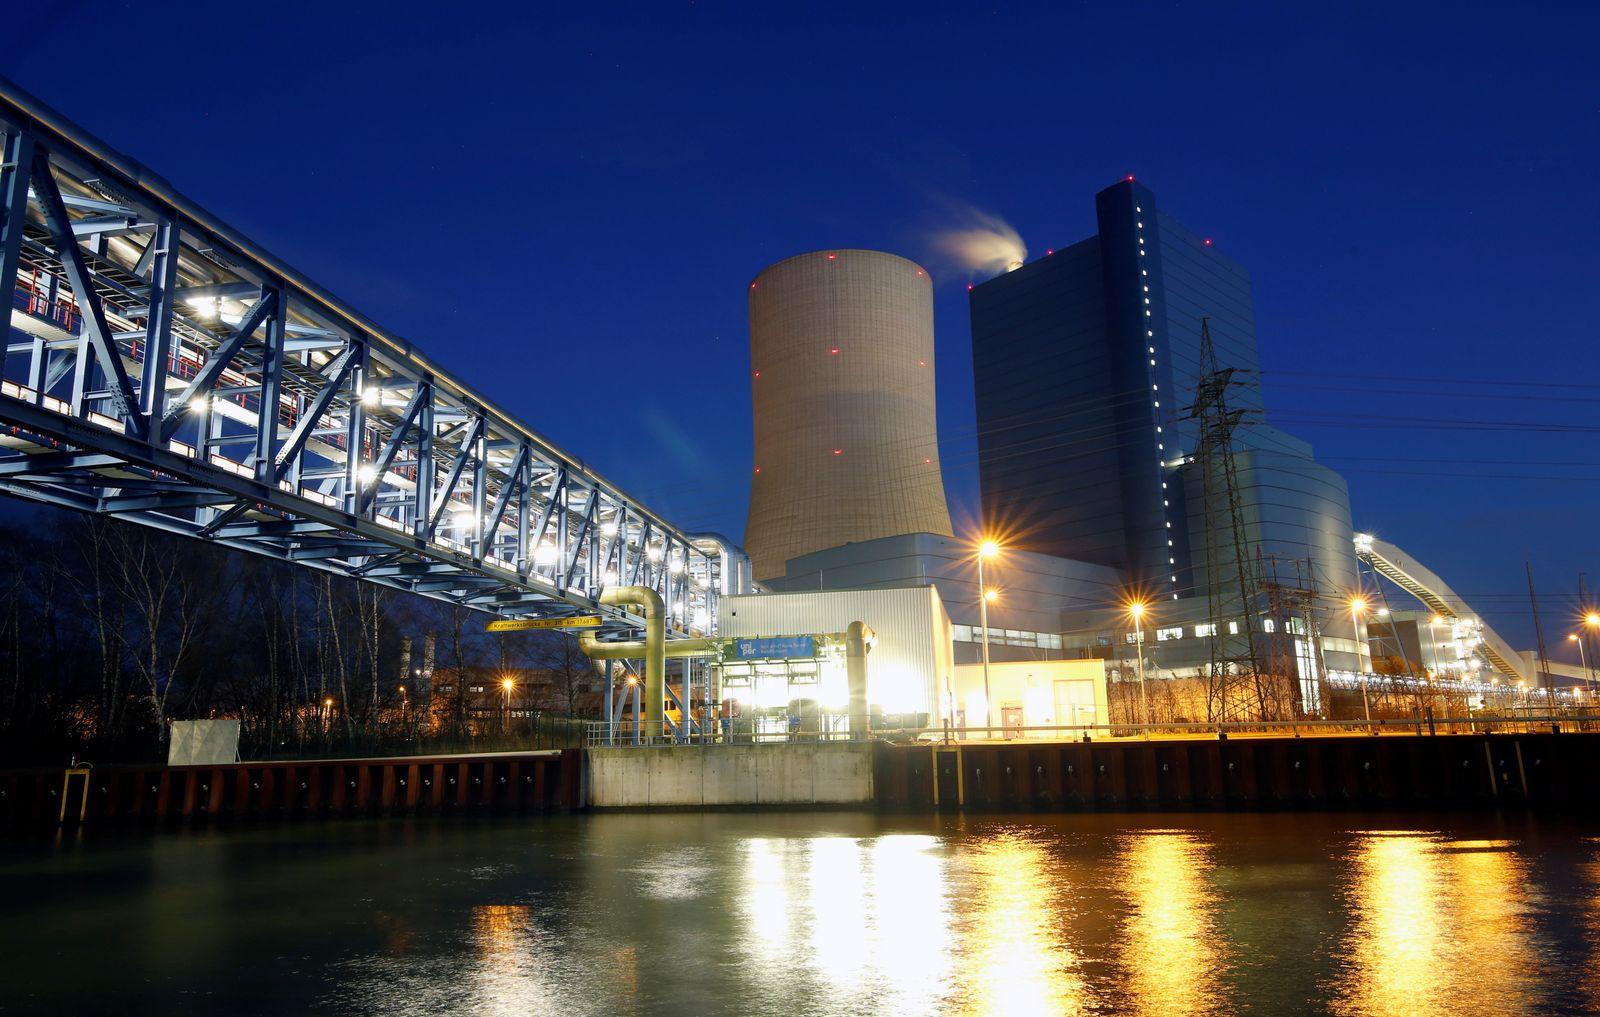 Uniper's coal-fired power plant Datteln 4